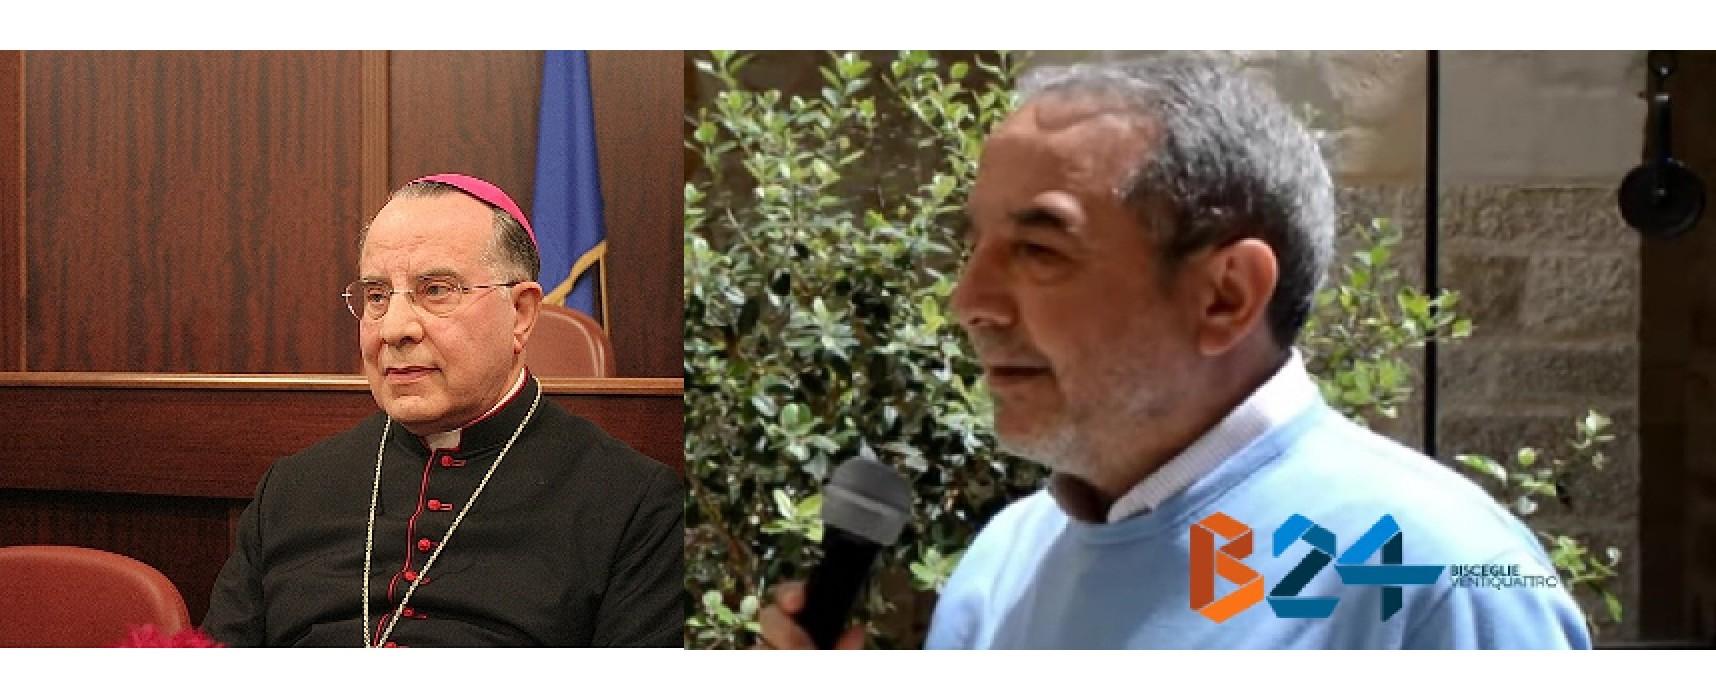 """""""Caso don Salvino"""", Diocesi: """"Nessun allontanamento forzato, scelta personale del parroco"""""""